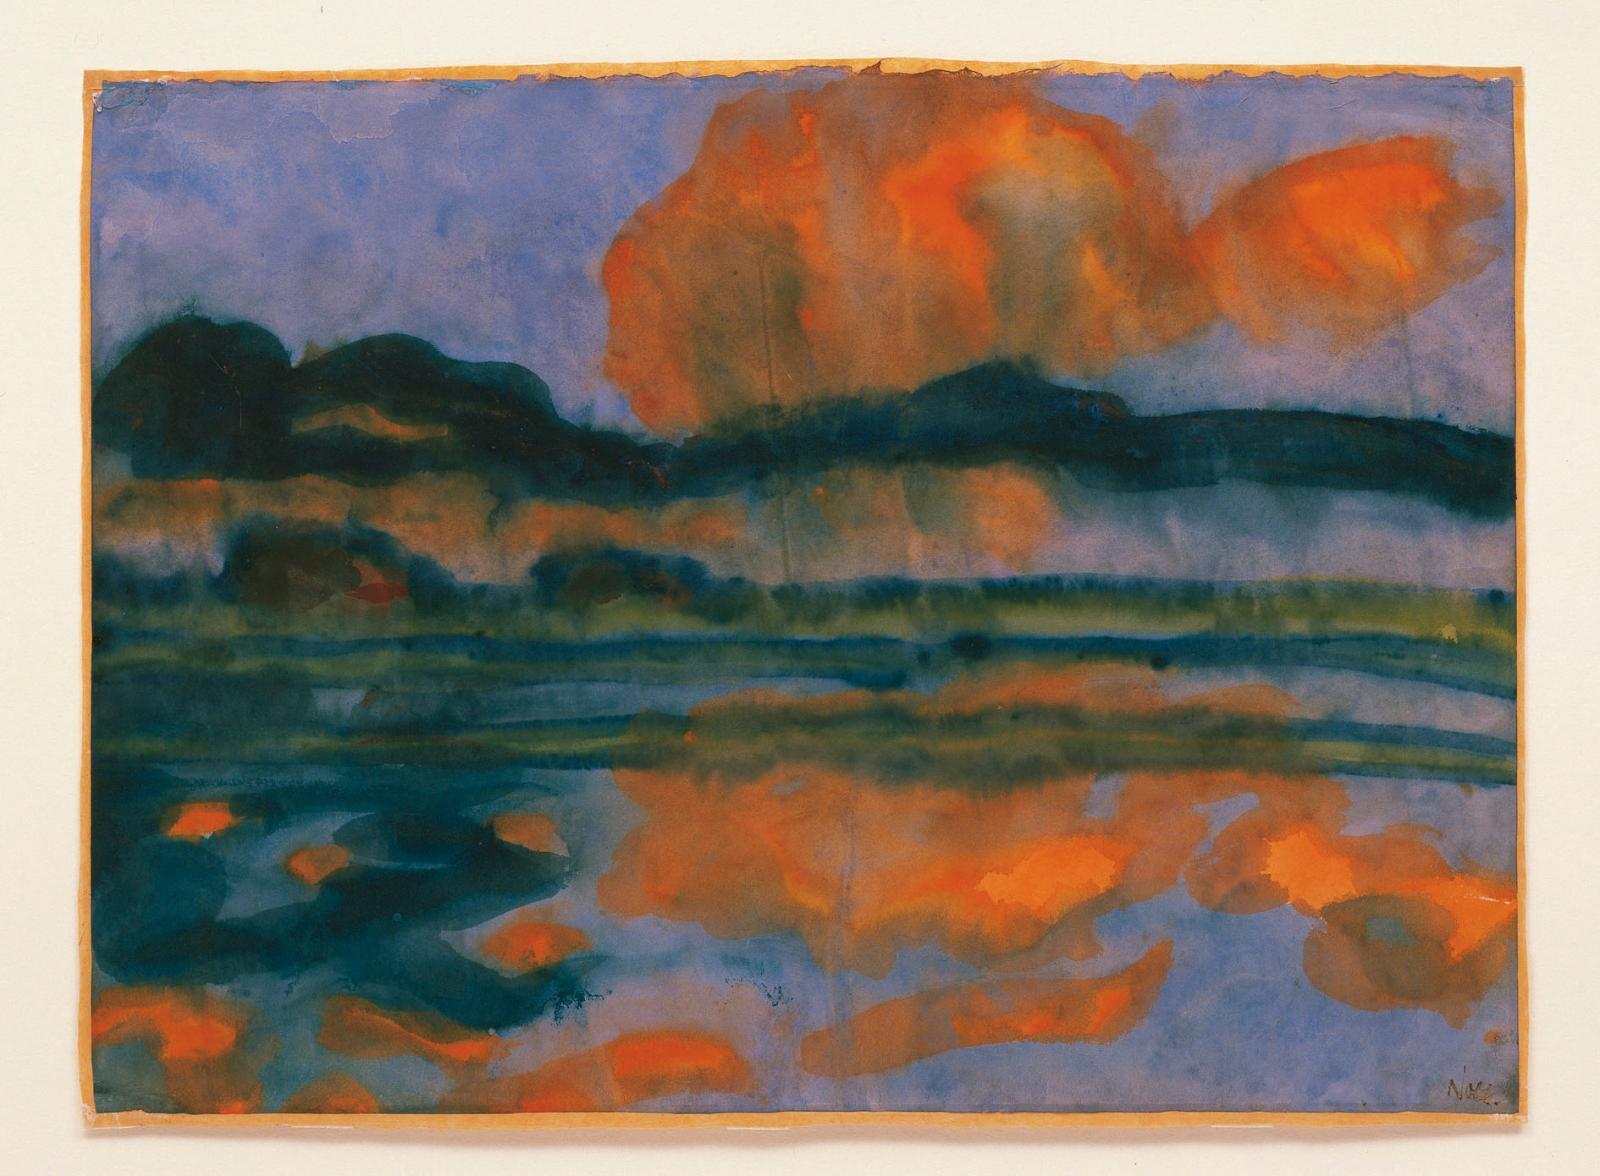 Emil Nolde, Reflets de nuages dans le marais, 1935, aquarelle sur papier japonais. ©Photo Würth/Schmid Inv 1